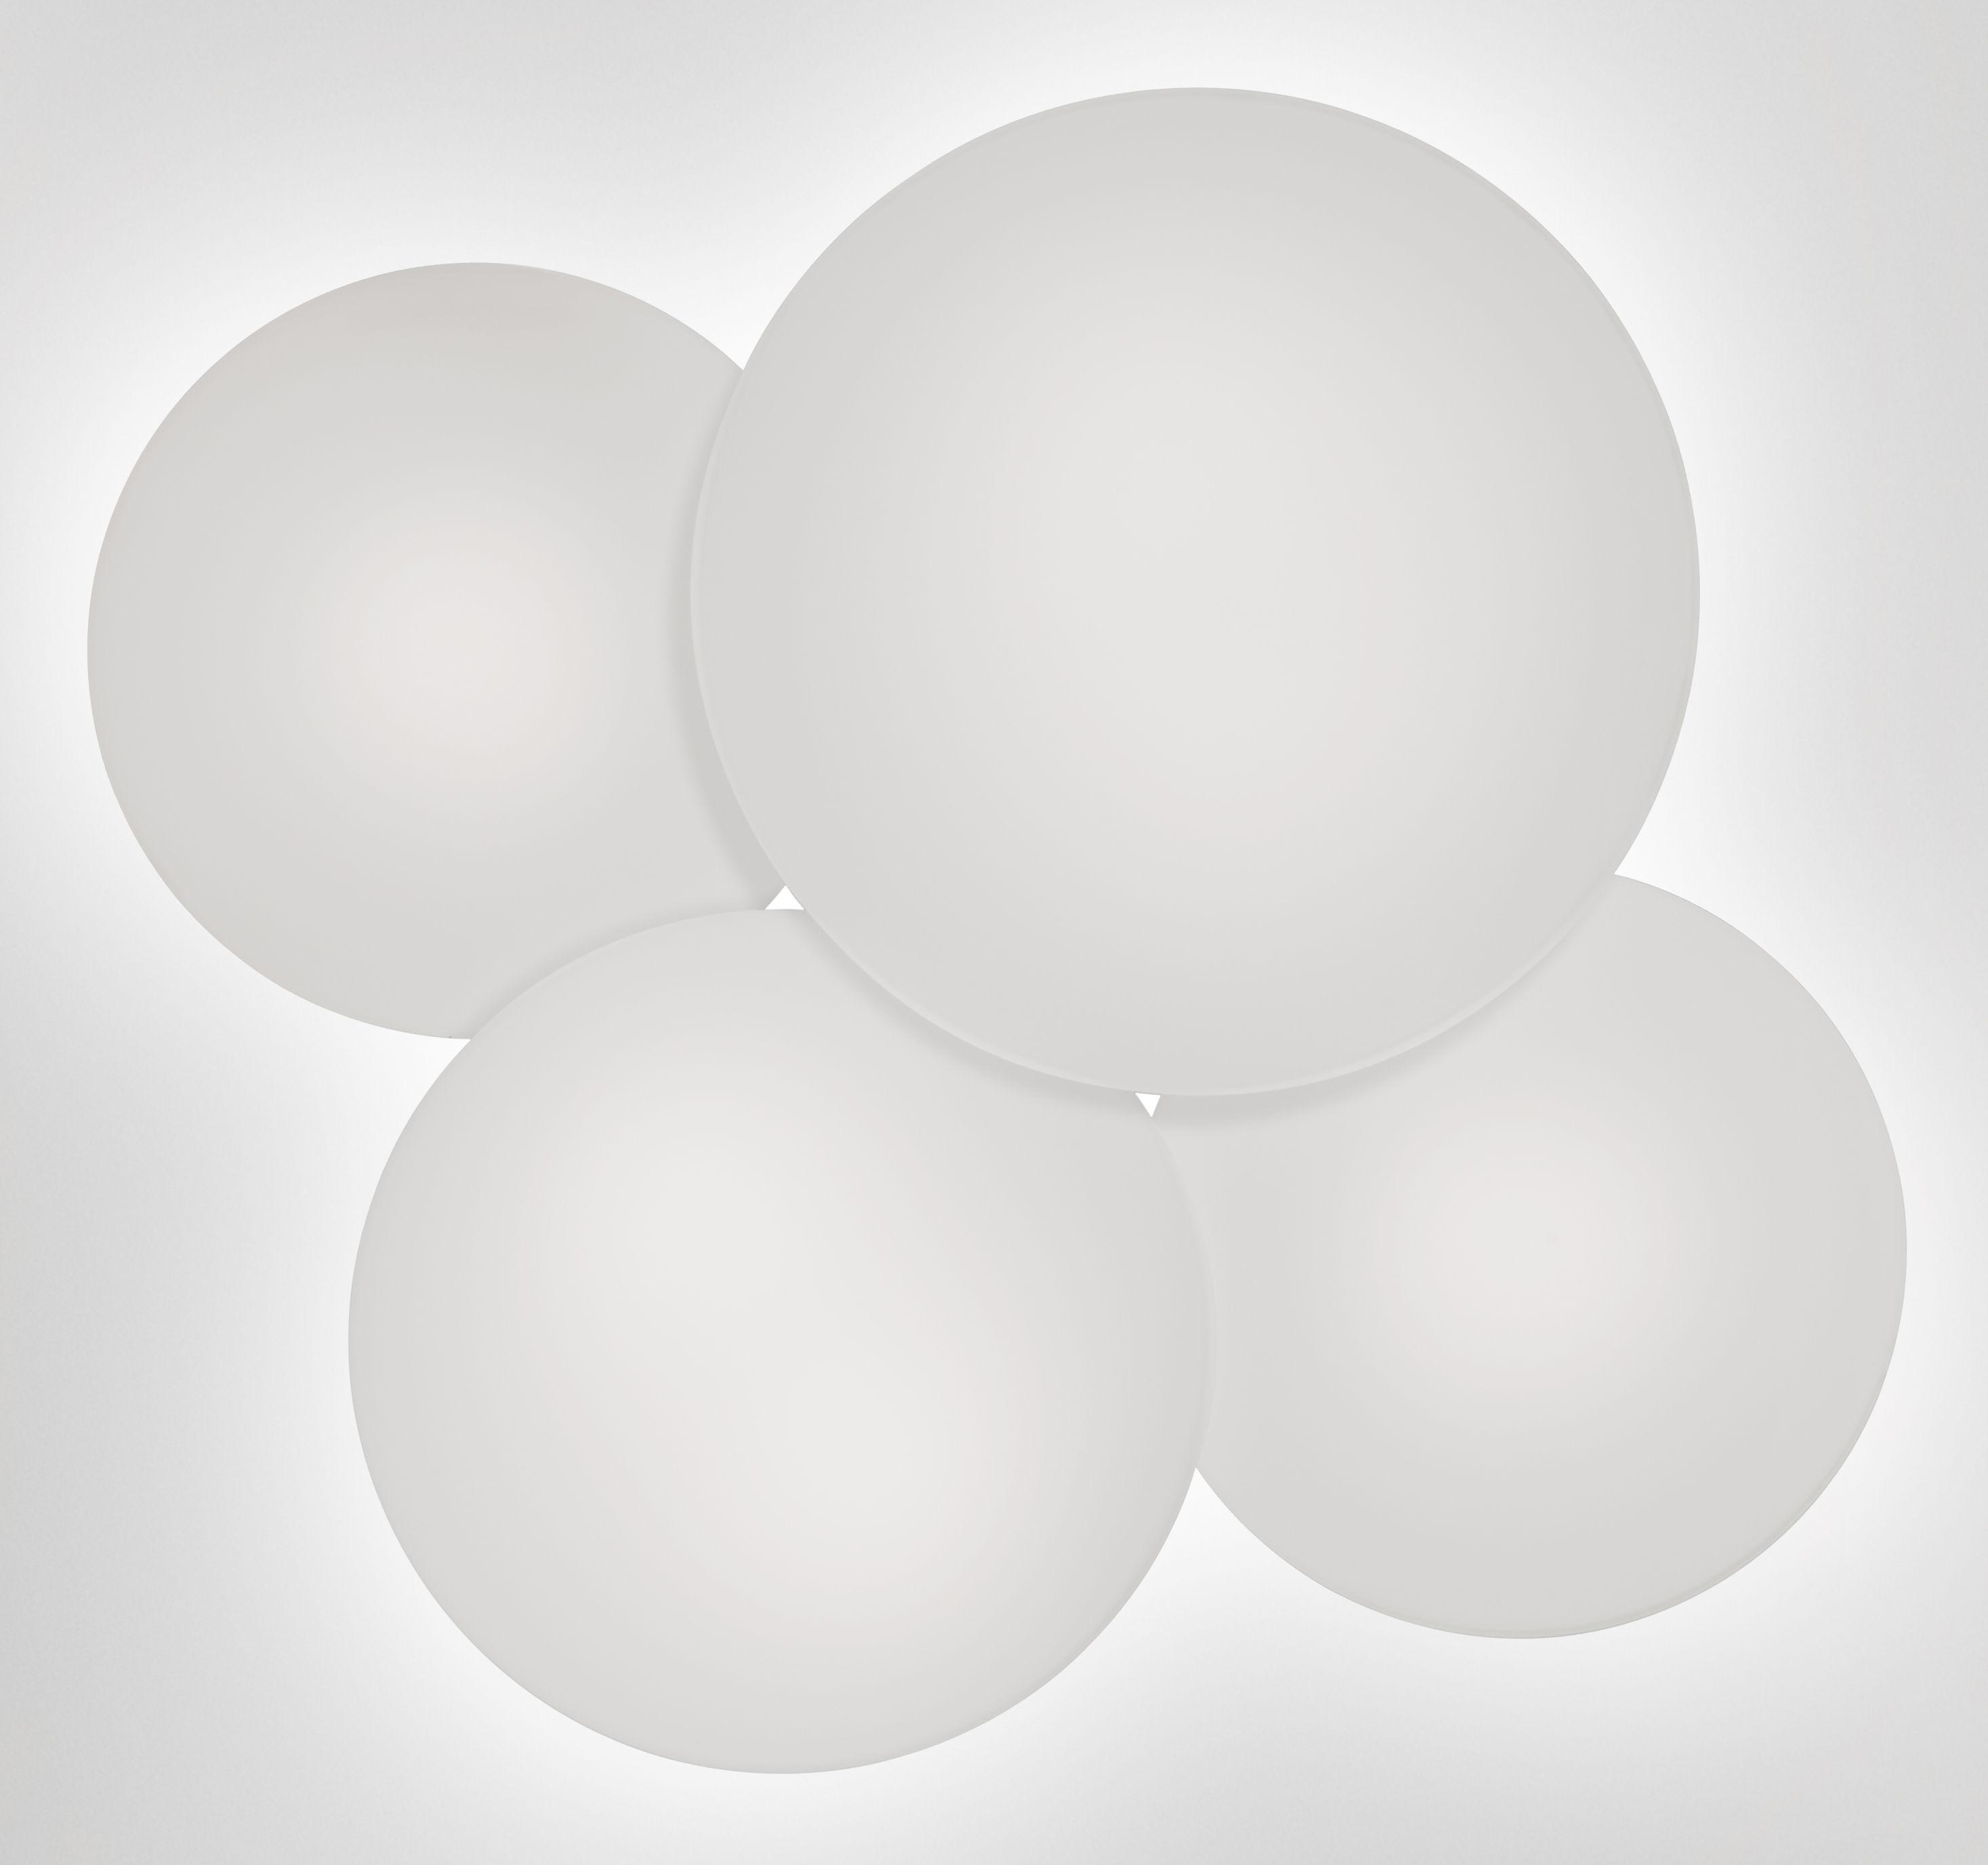 Luminaire - Plafonniers - Plafonnier Puck Quadruple / 60 x 53 cm - Vibia - Blanc - Verre soufflé